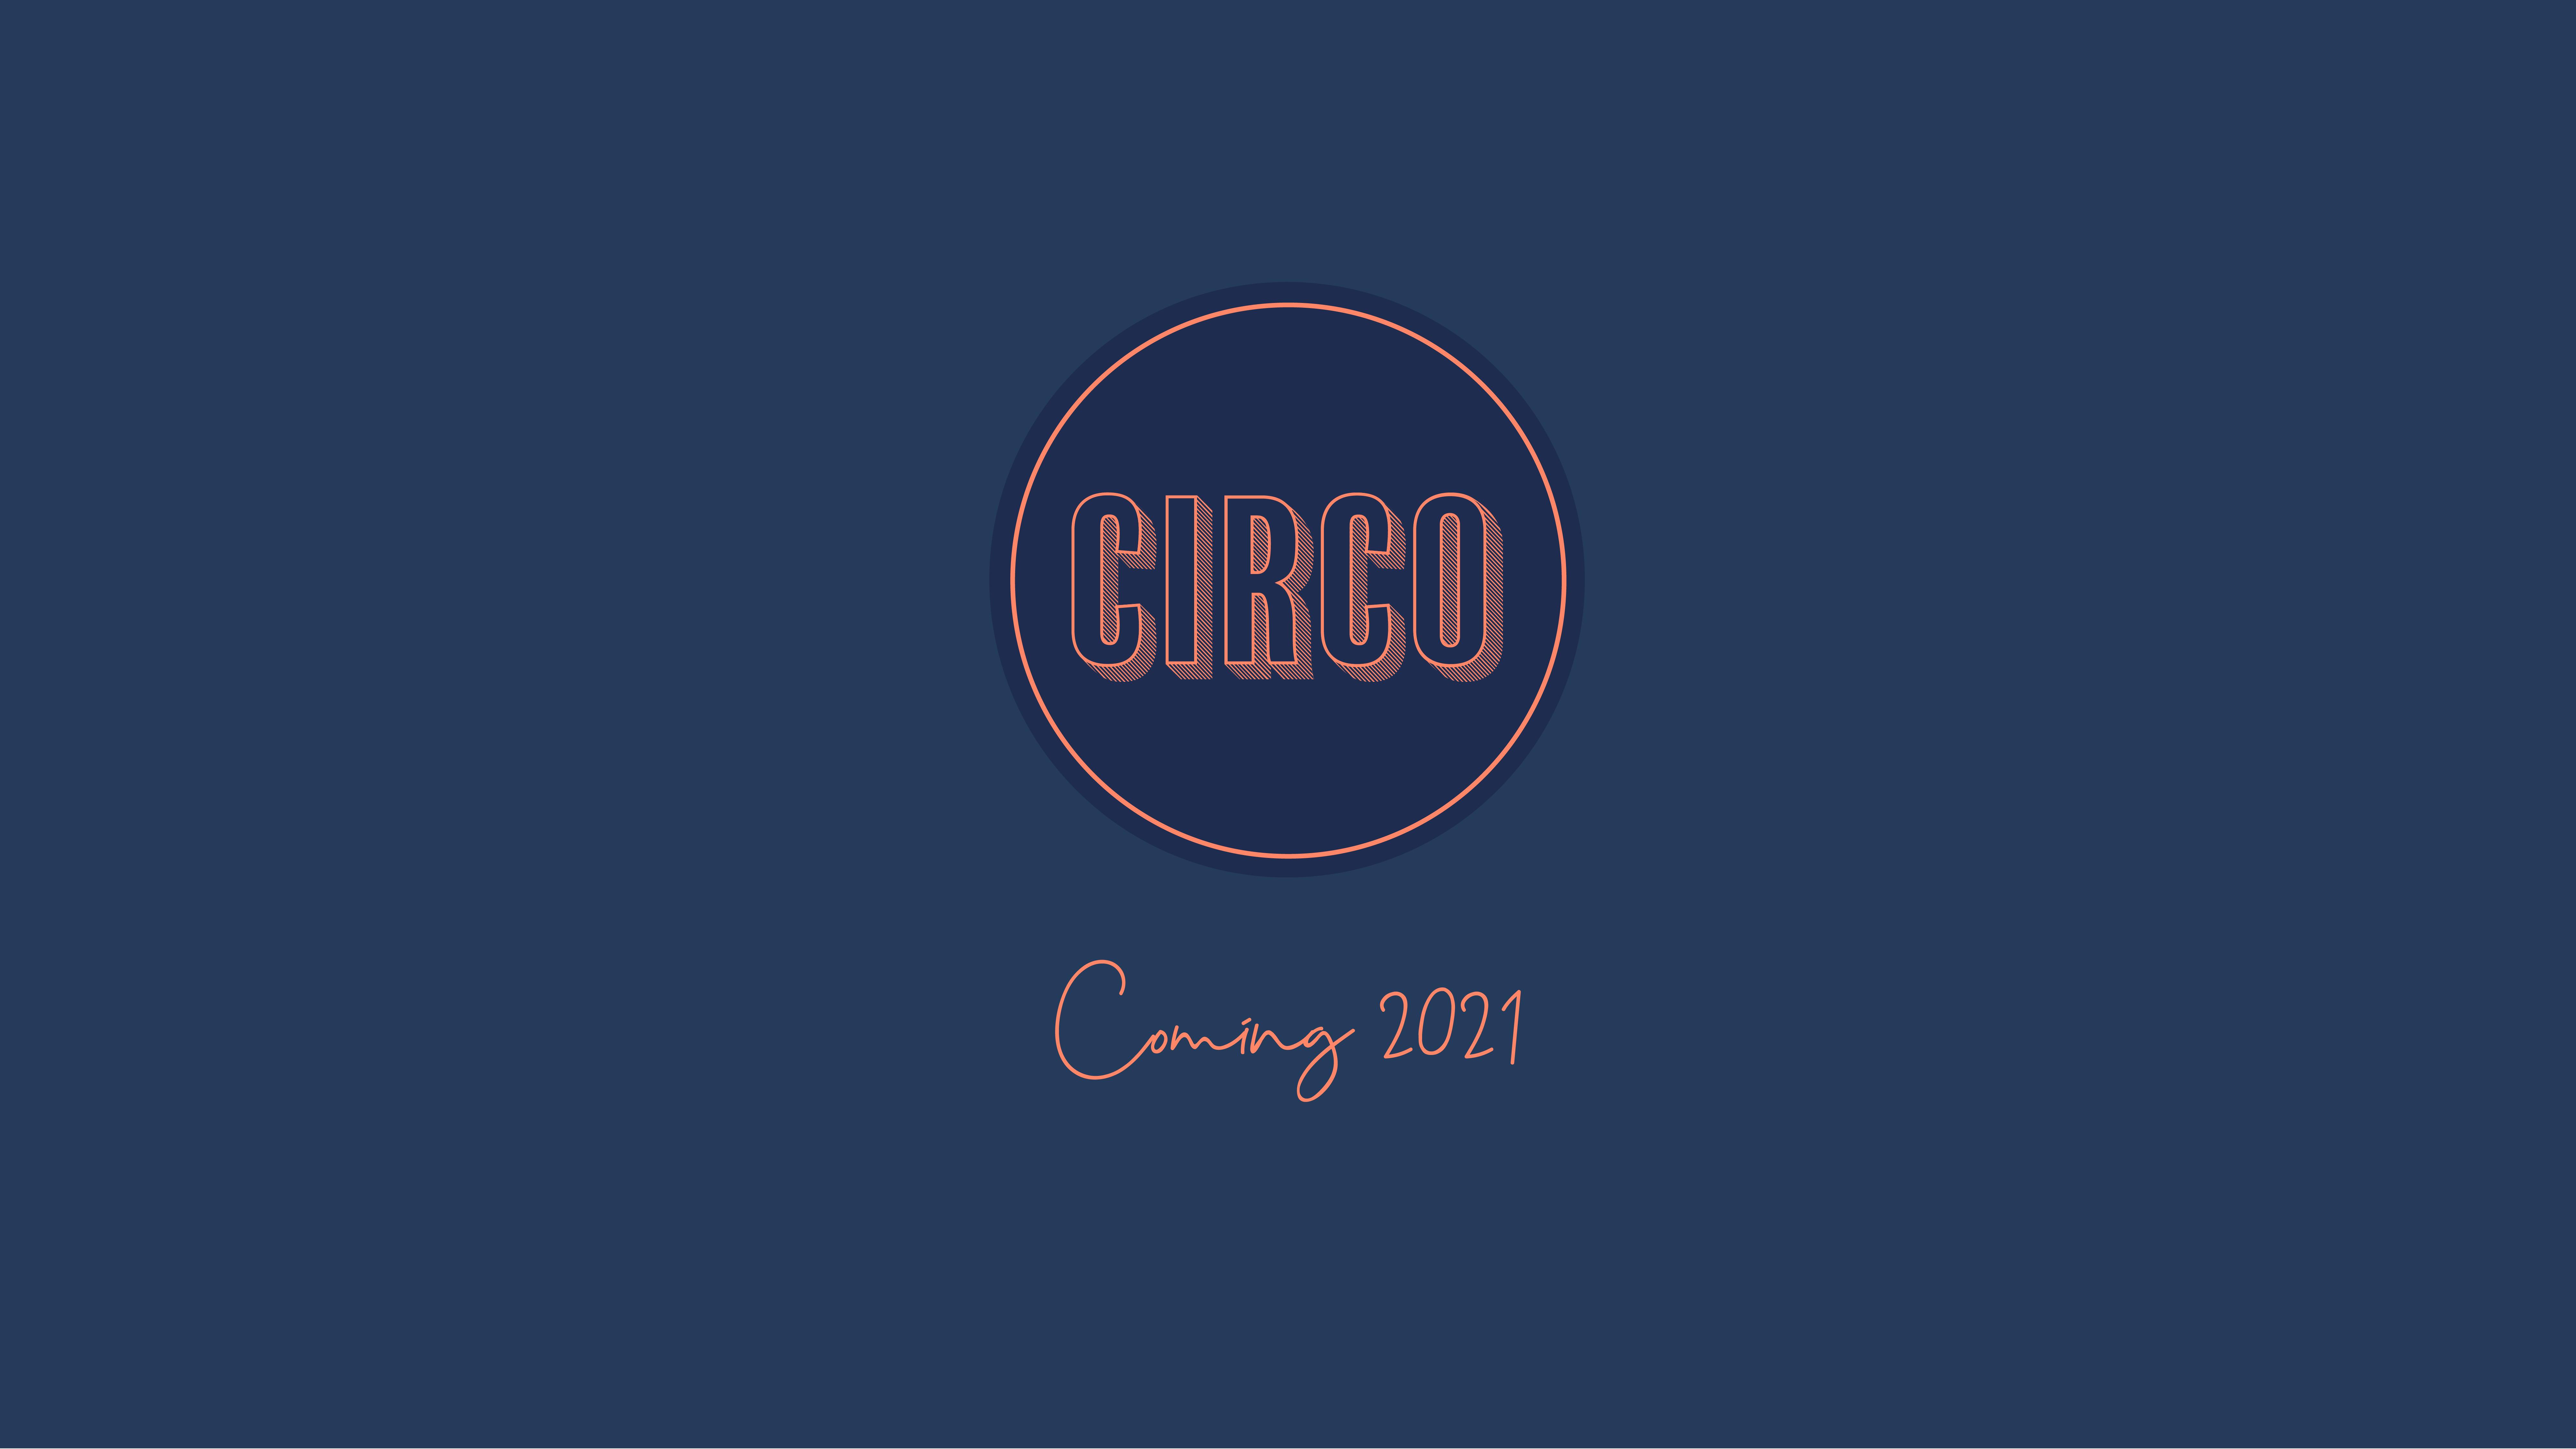 CIRCO-03